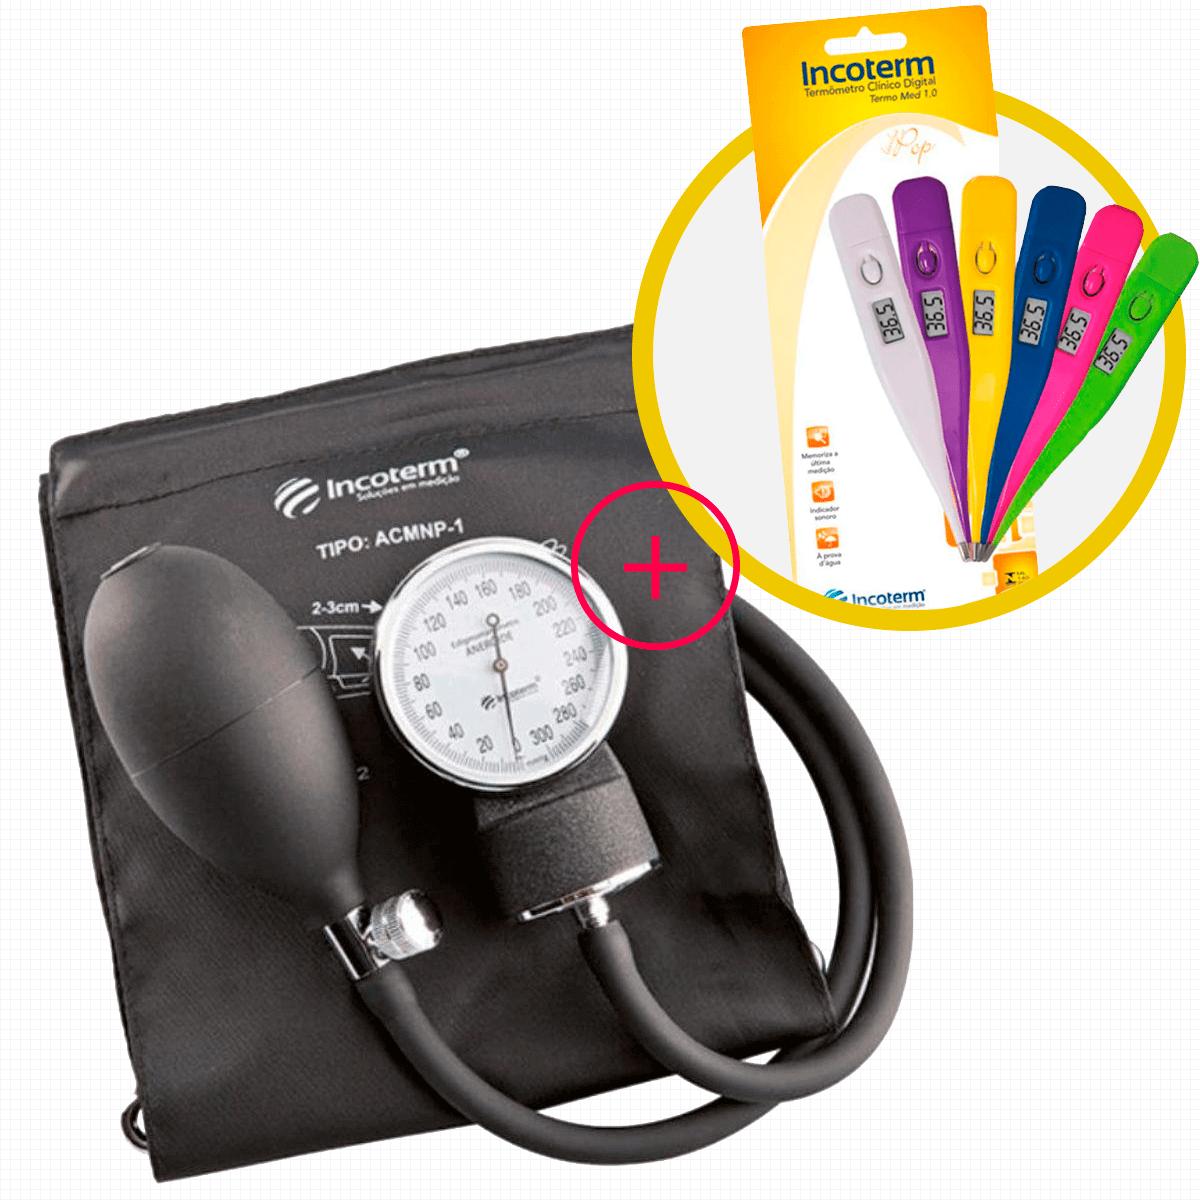 Aparelho de Pressão Incoterm EA100 + Termometro Digital Incoterm